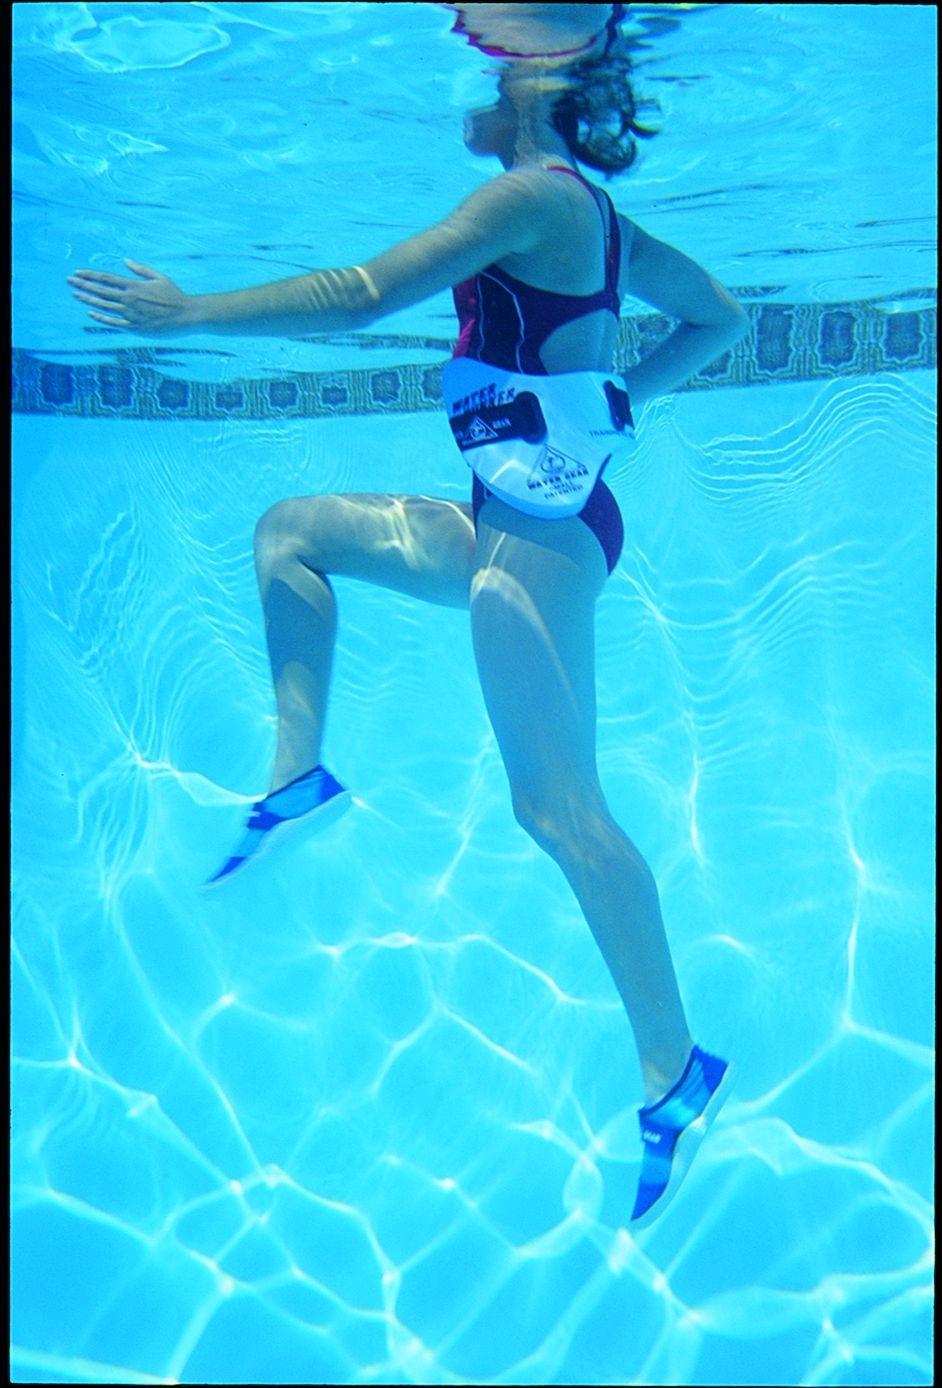 Water gear water runner flotation belt for Flotation belt swimming pool exercise equipment